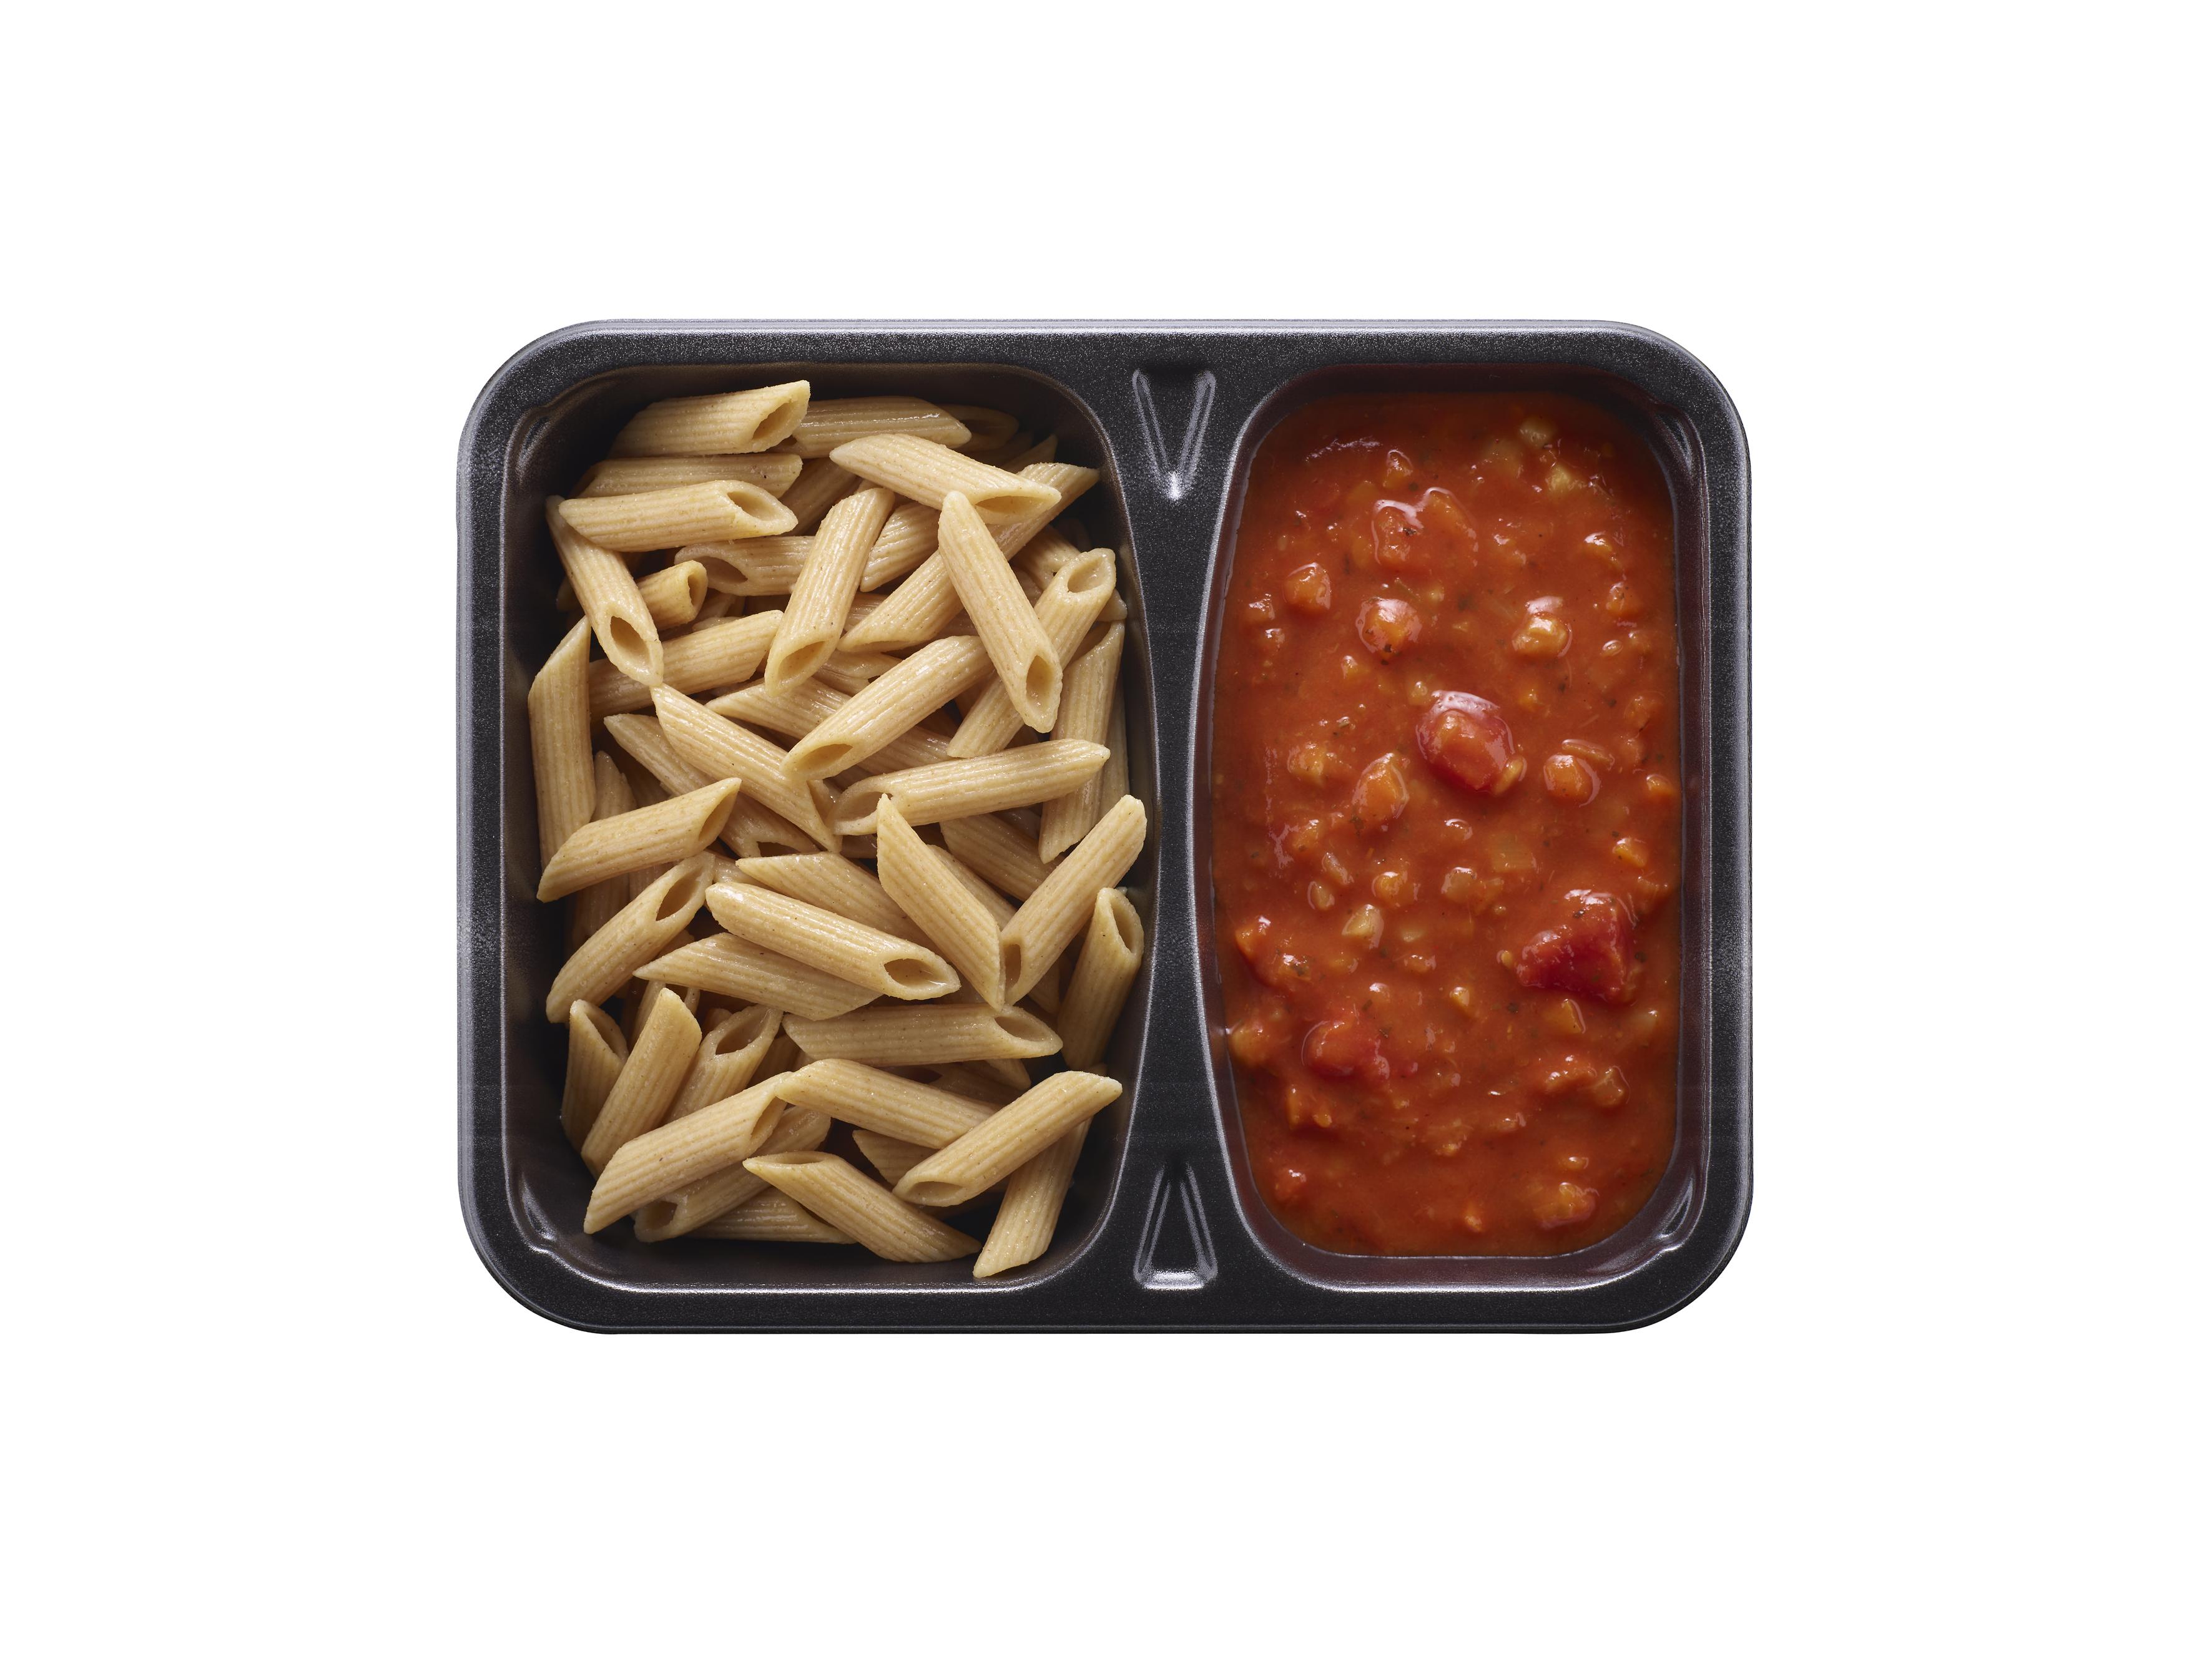 A&K - die frische Küche - Ihr qualifizierter Partner für hochwertiges und abwechslungsreiches Catering für Schulen, Unternehmen, Seniorenheime u.vm. mit regionalen Bio Produkten von Vollkost bis Vegetarisch oder Diätkost direkt aus der Cook & Chillküche - Counter Mahlzeiten